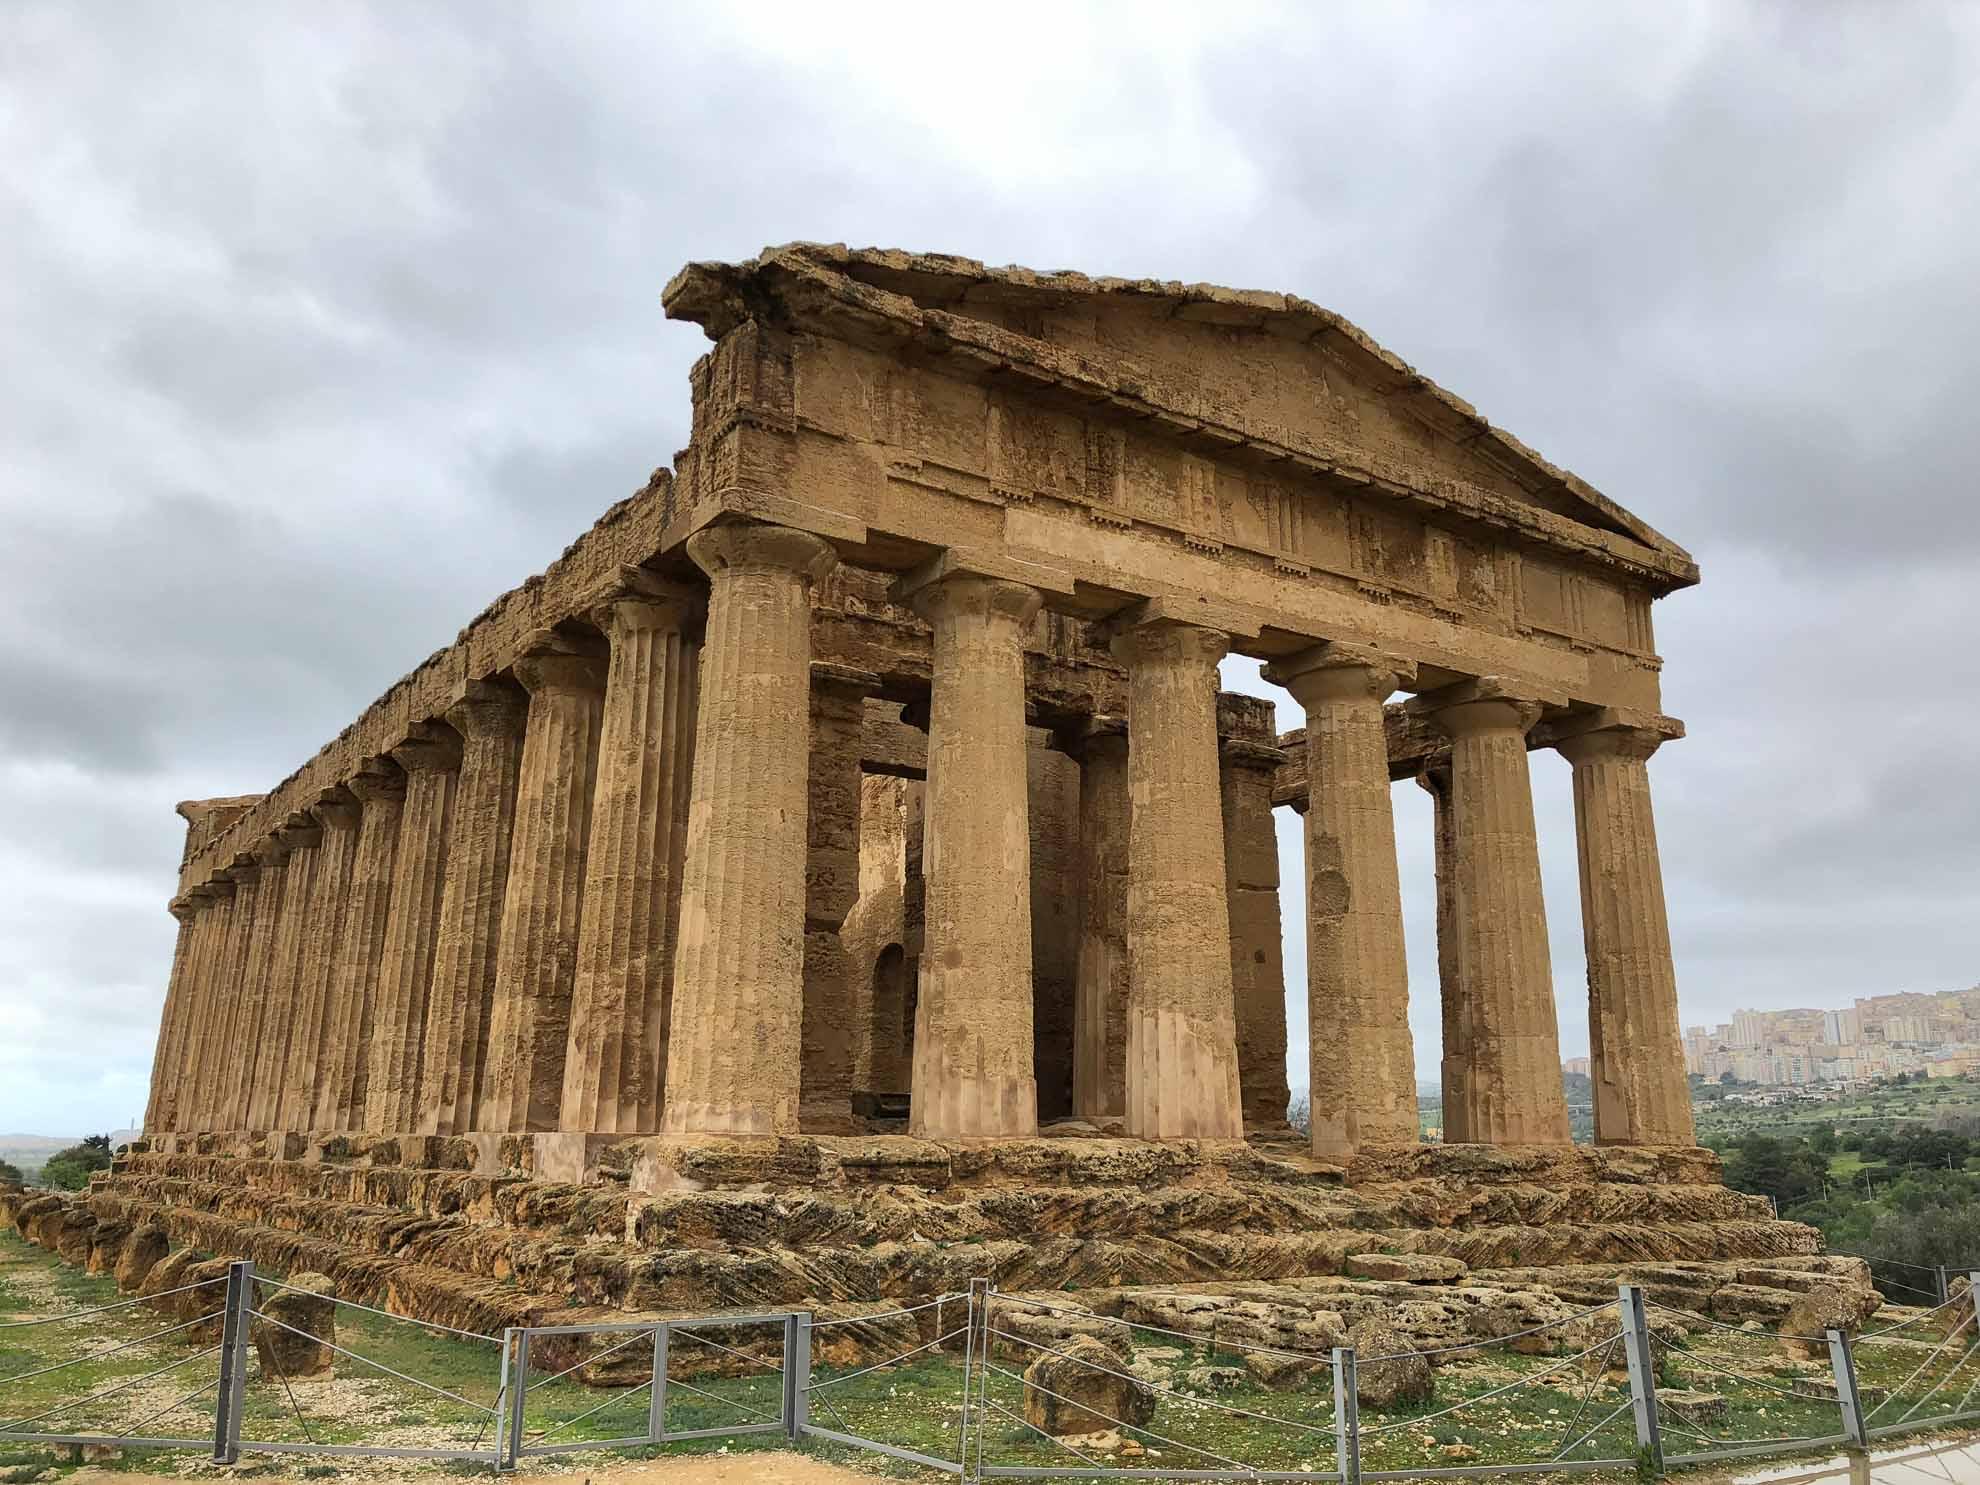 Der Concordia Tempel zählt zu den besterhaltenen Tempeln der griechischen Antike.